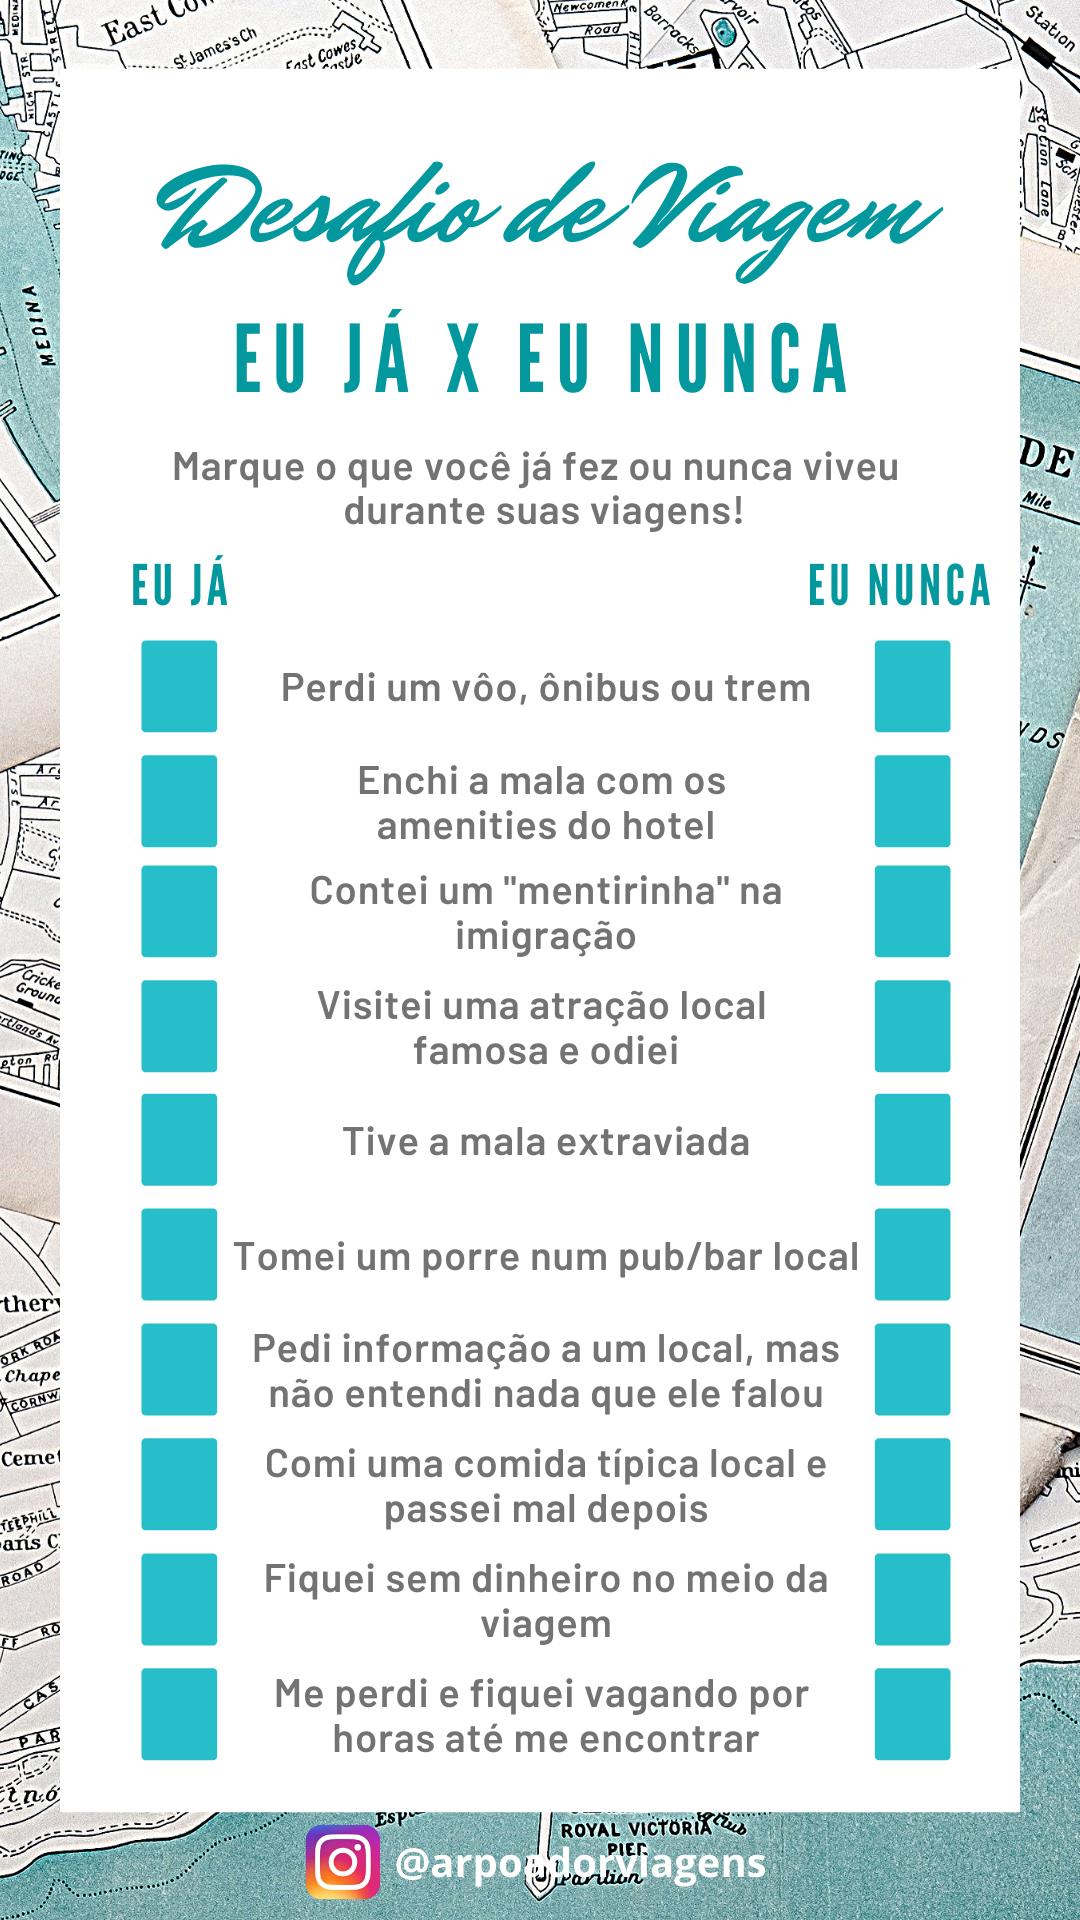 Desafio De Viagem Eu Ja X Eu Nunca Words Word Search Puzzle